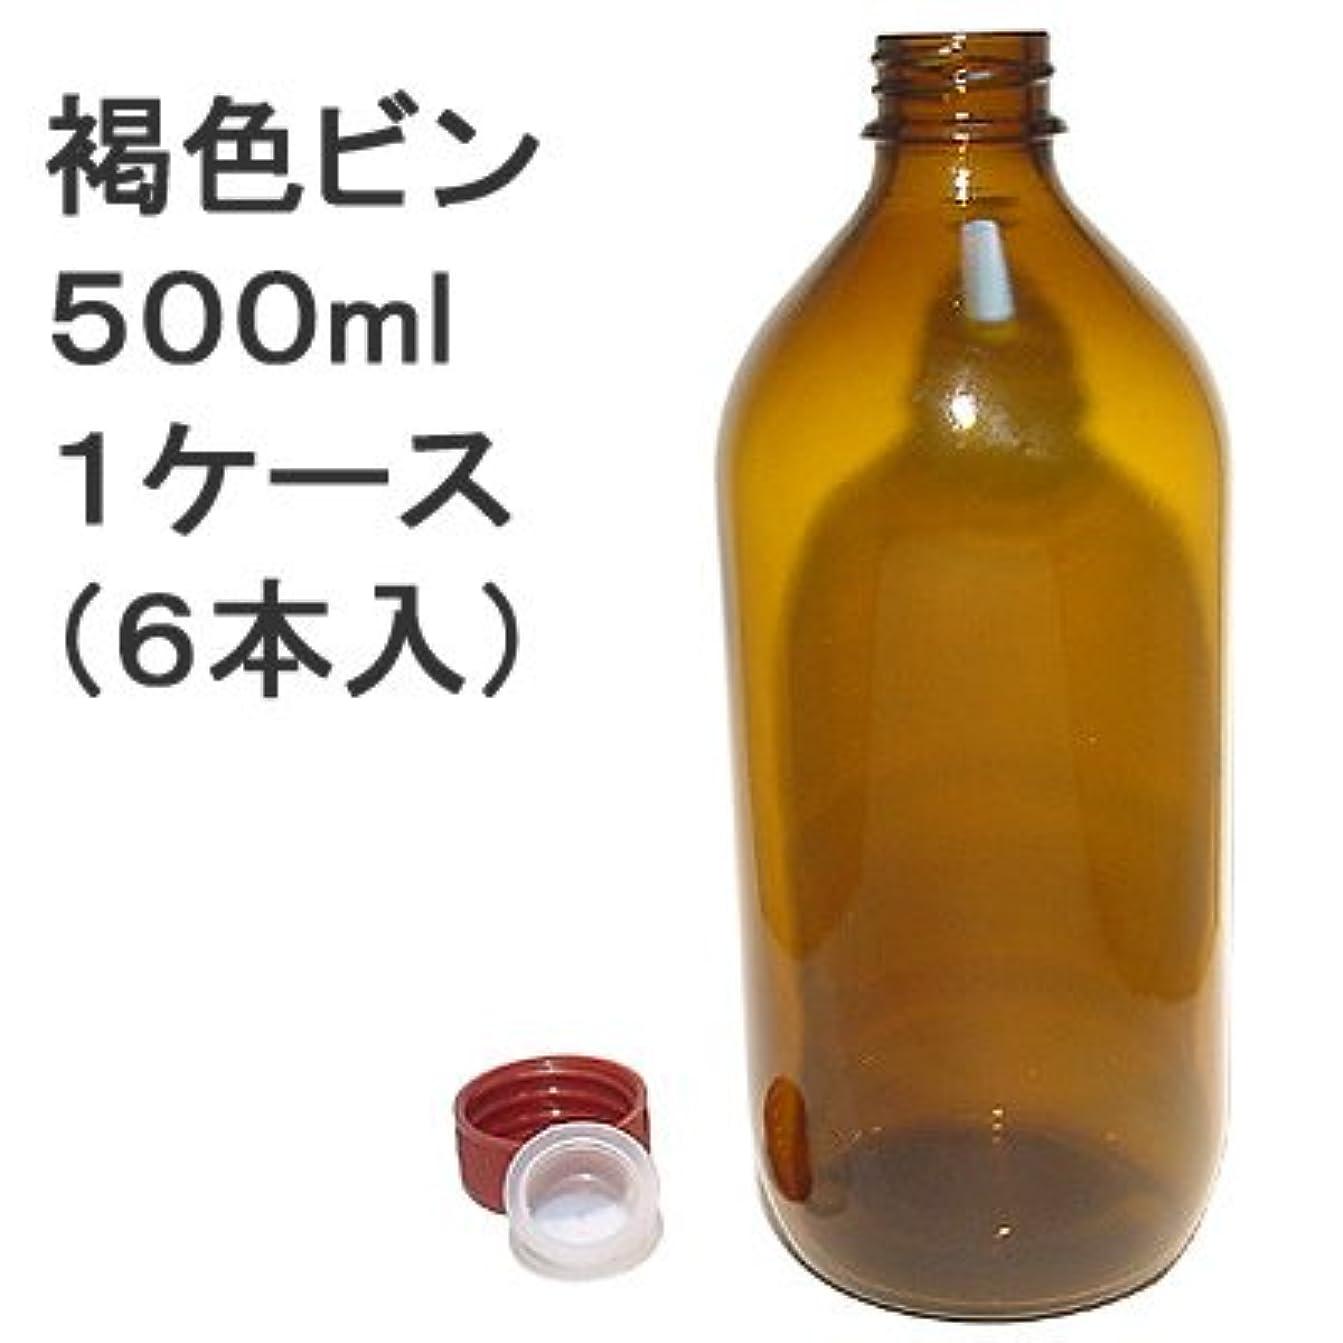 ビュッフェ置き場憂鬱遮光瓶(中栓付) 褐色 500ml 1ケース(6本入)